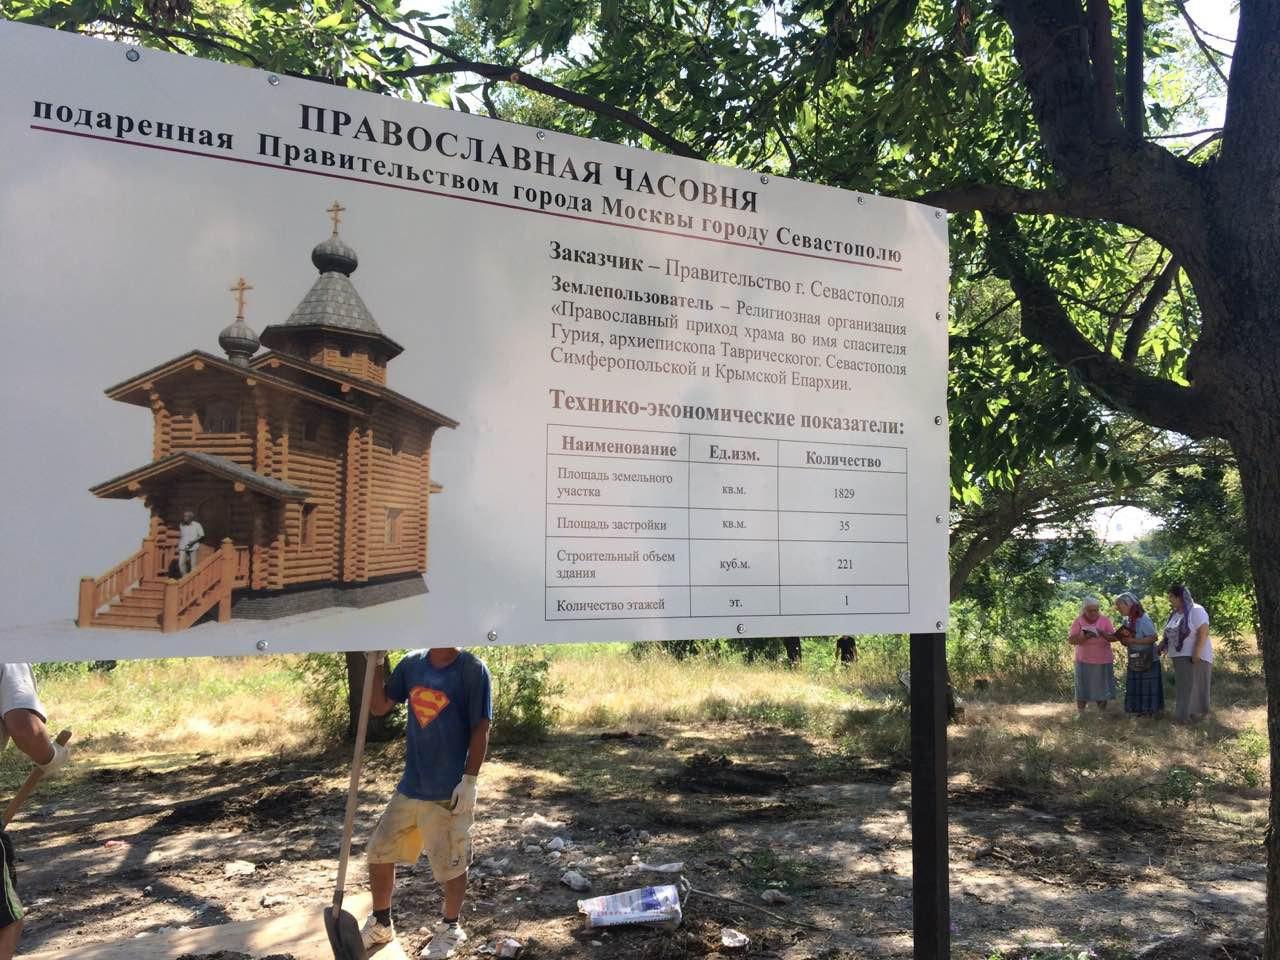 Овсянников пошел против паствы ради новых денег от Собянина